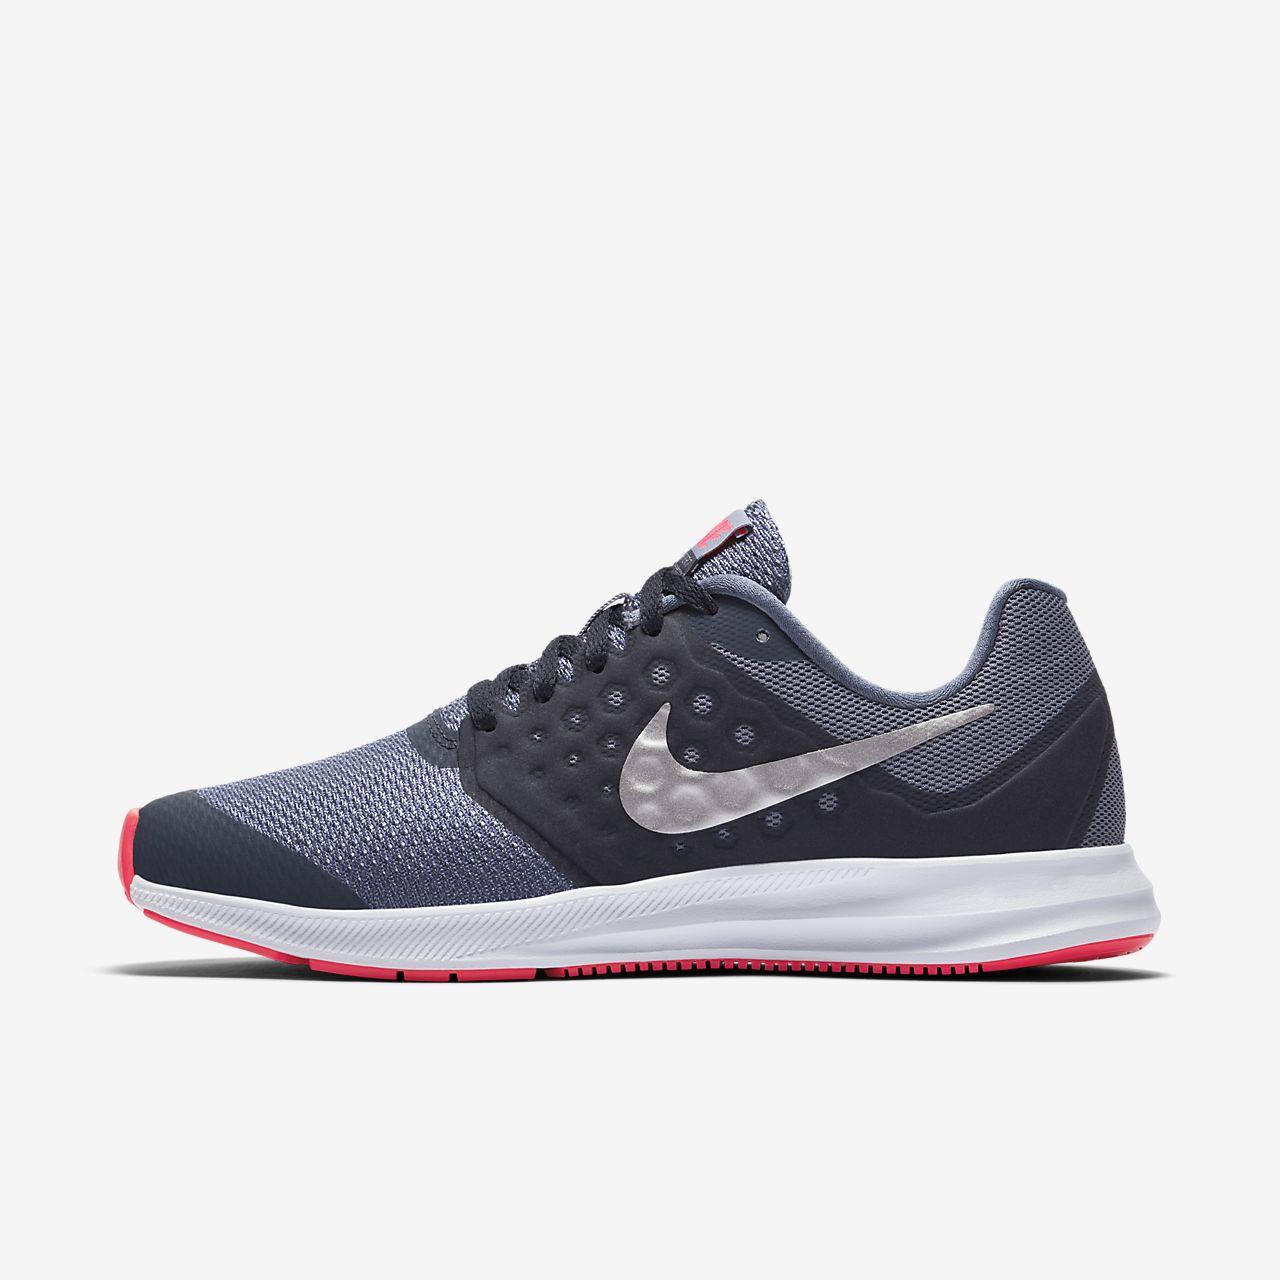 571aa87185c26 Nike Downshifter 7 Zapatillas de running - Niño a. Nike.com ES